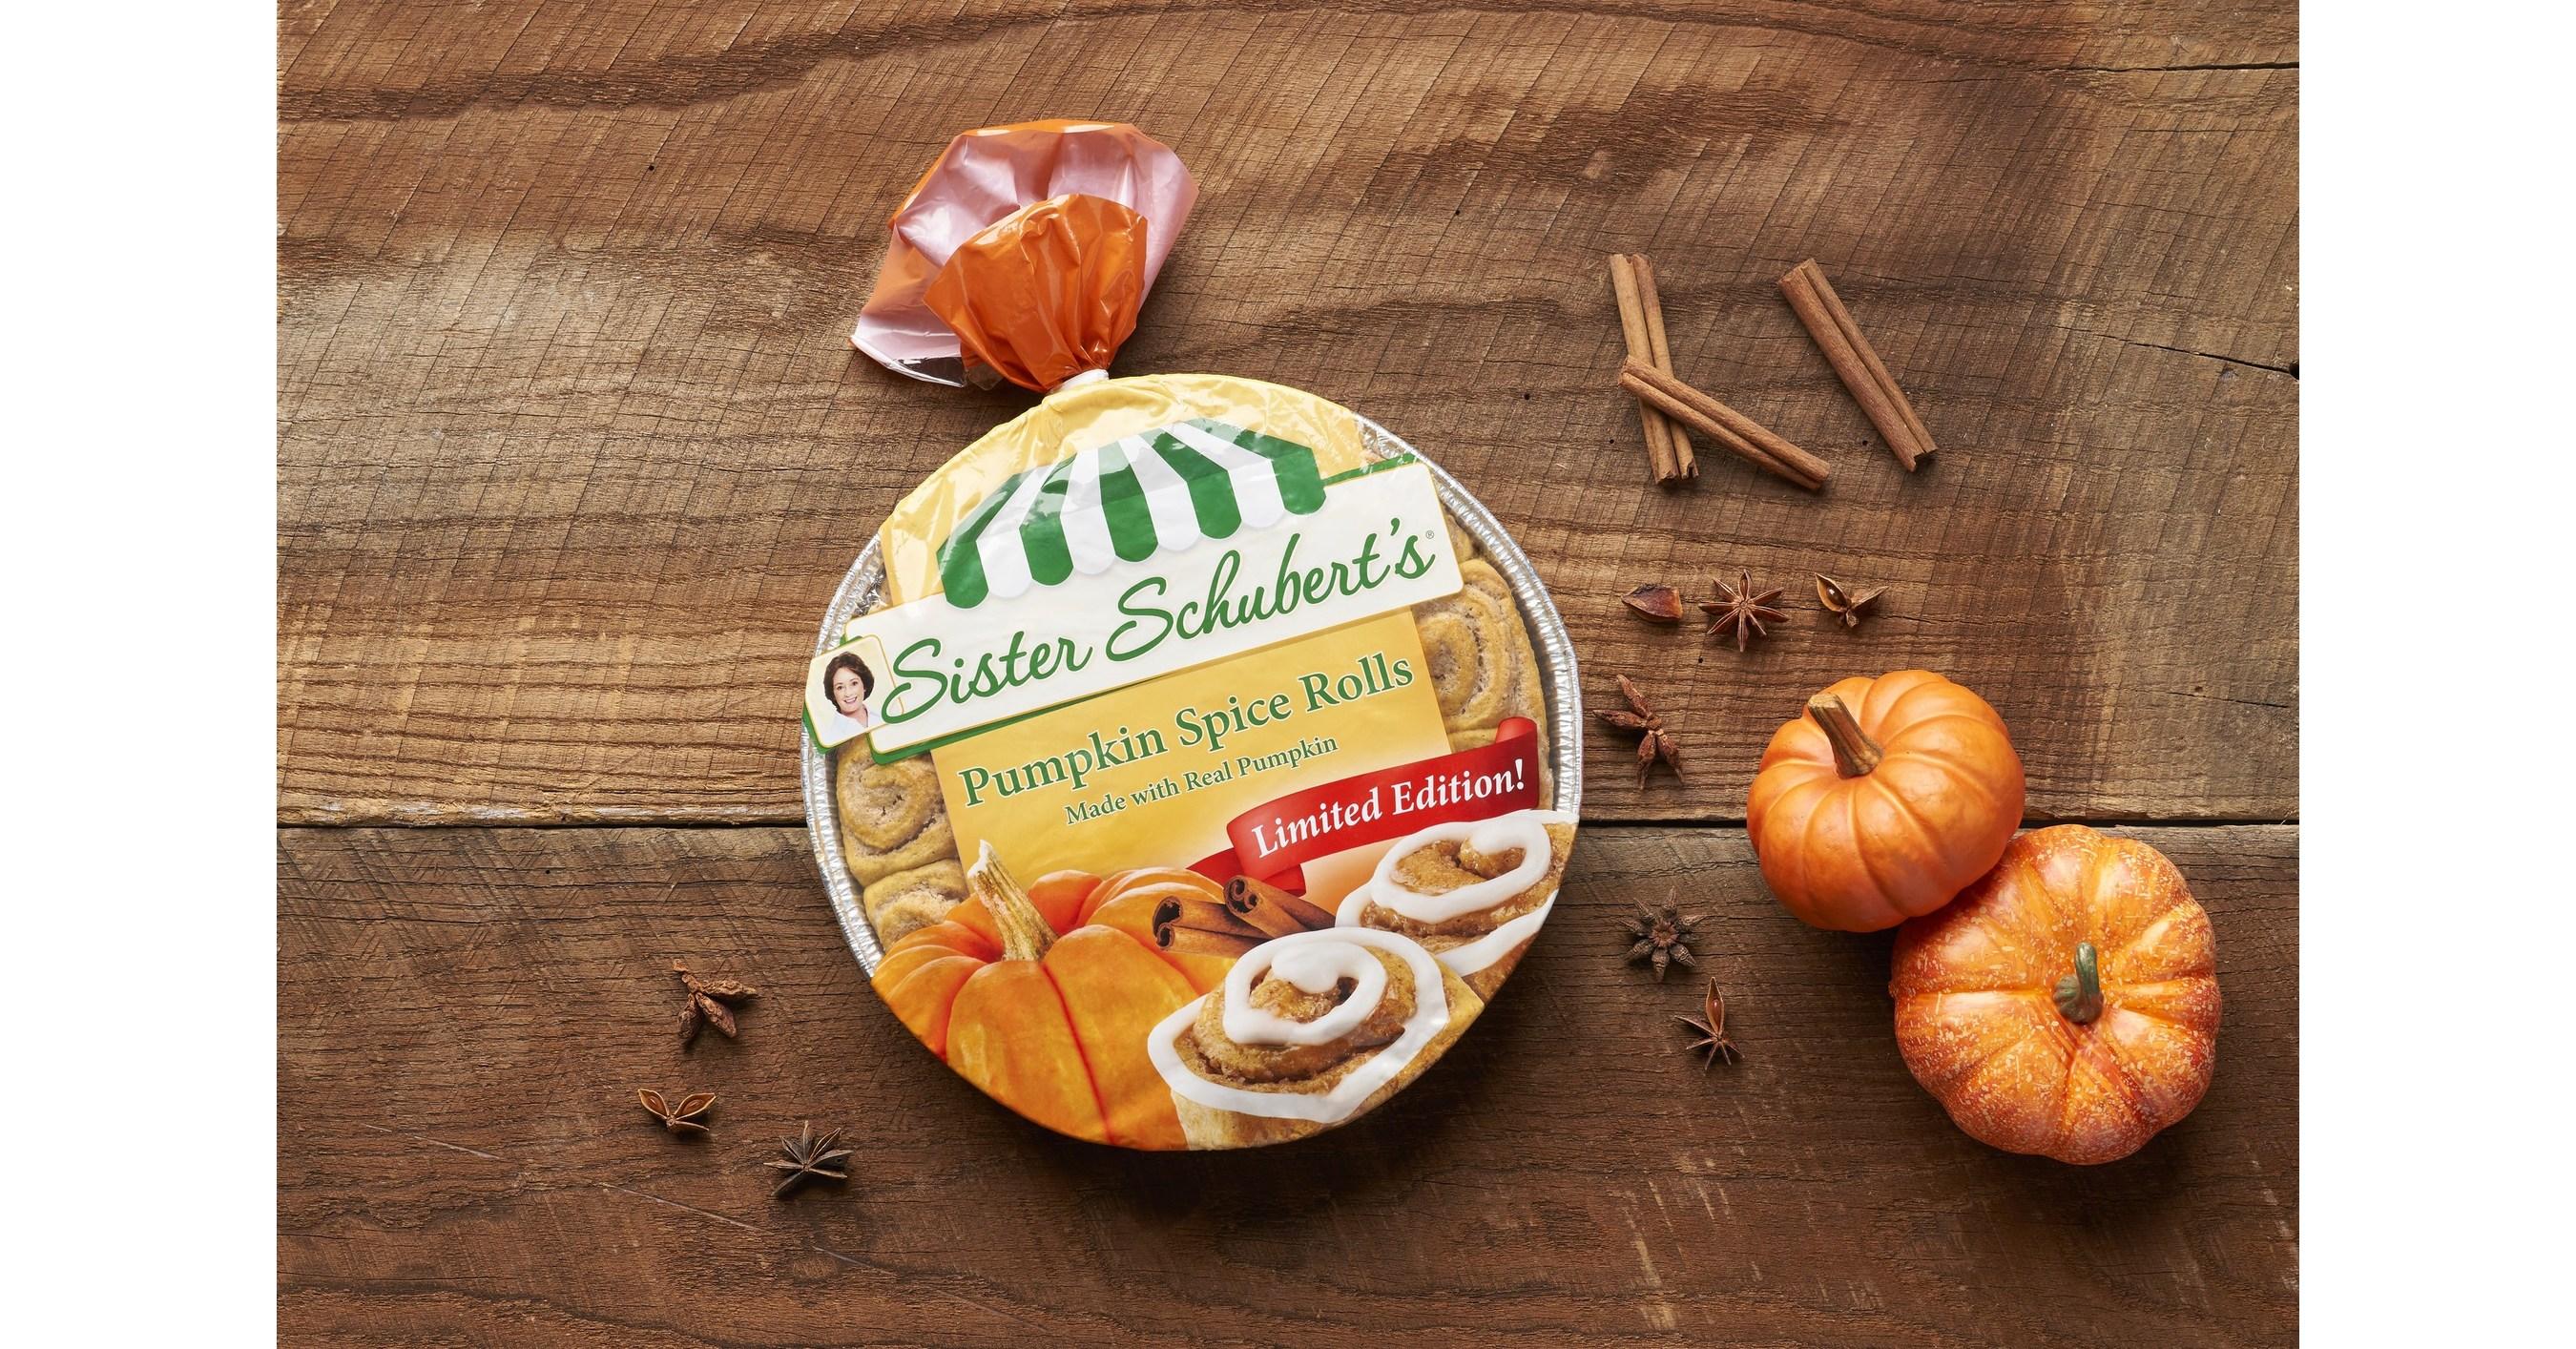 Tis The Pumpkin Season Sister Schubert S Introduces The Pumpkin